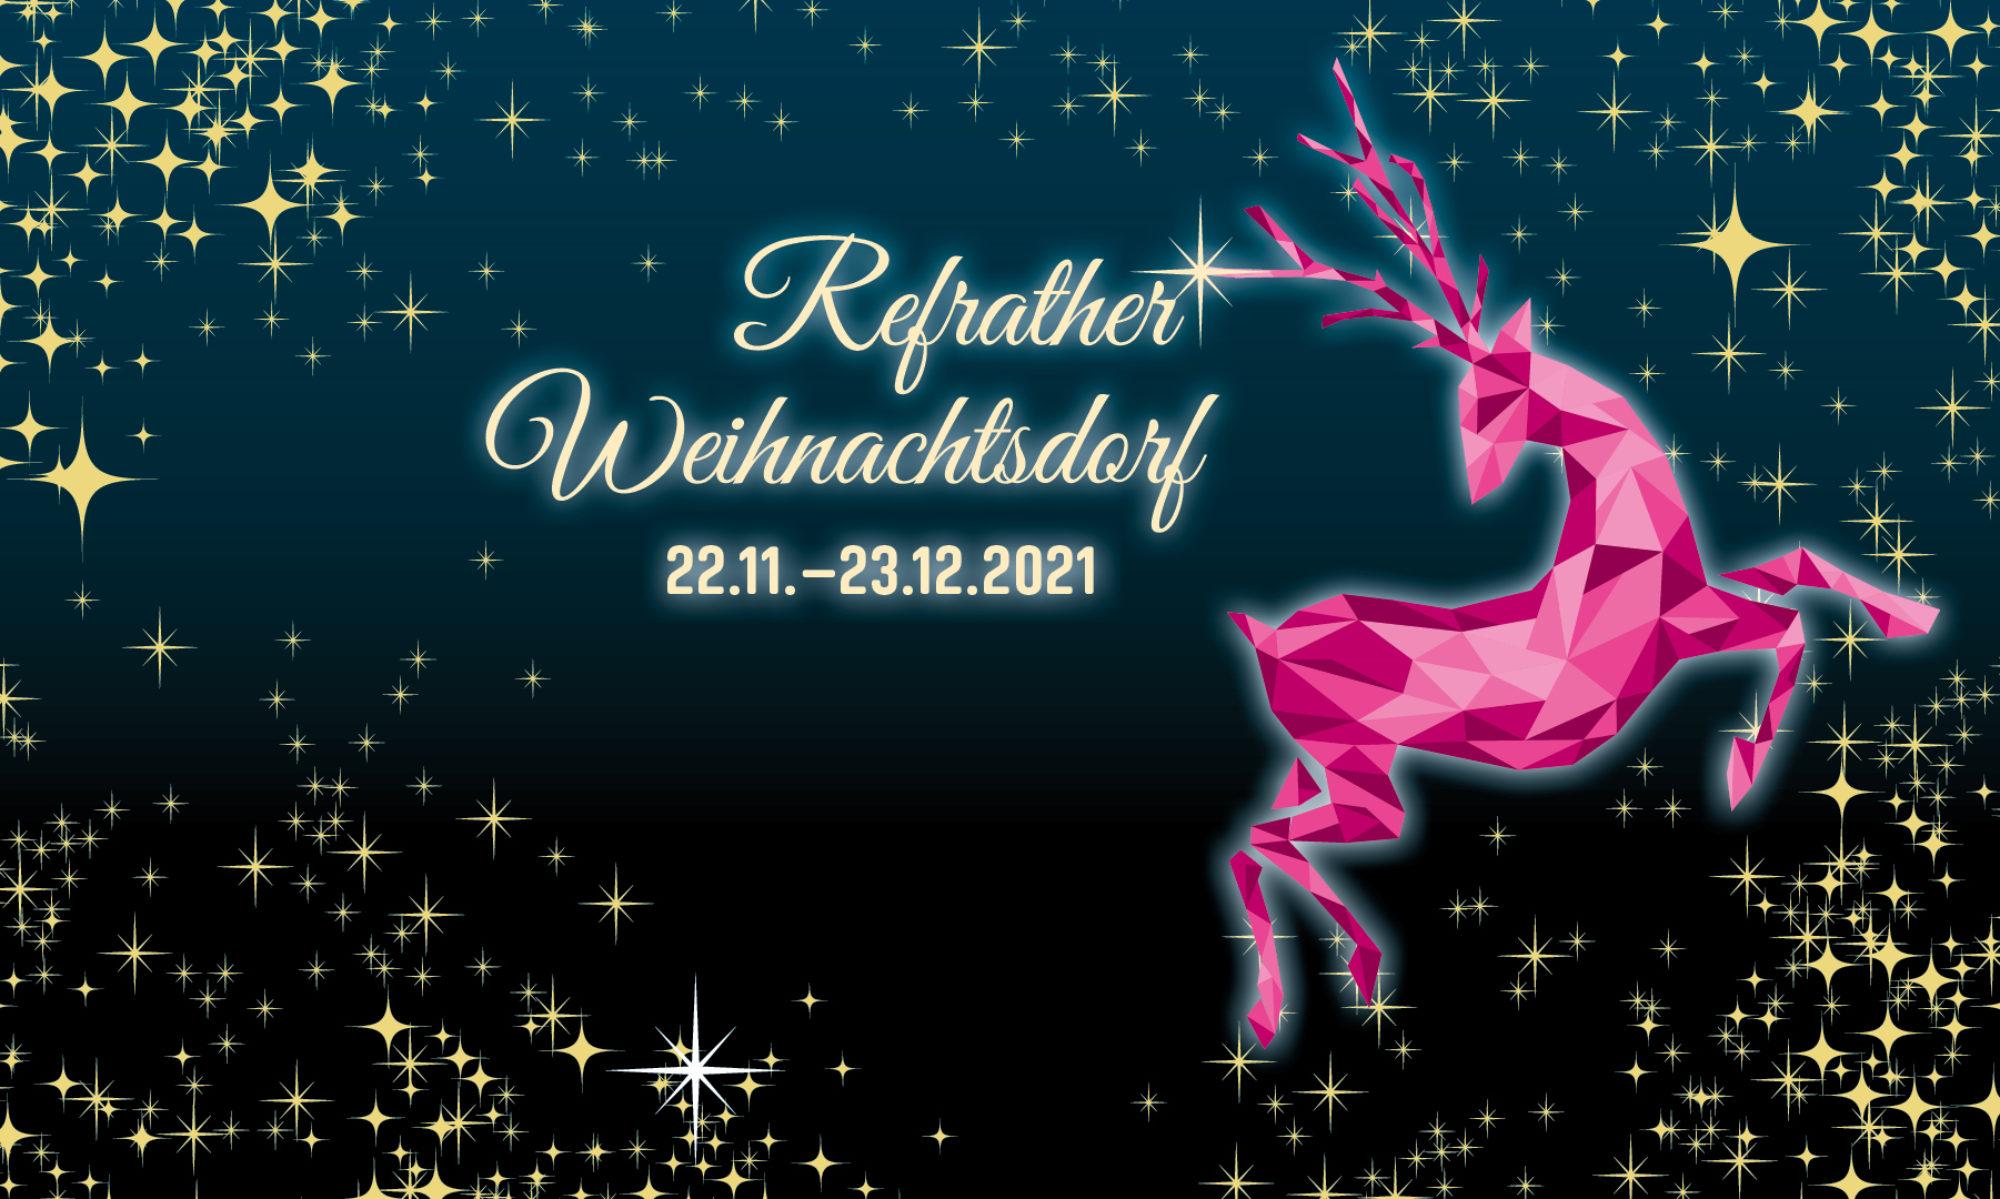 Refrather Weihnachtsdorf